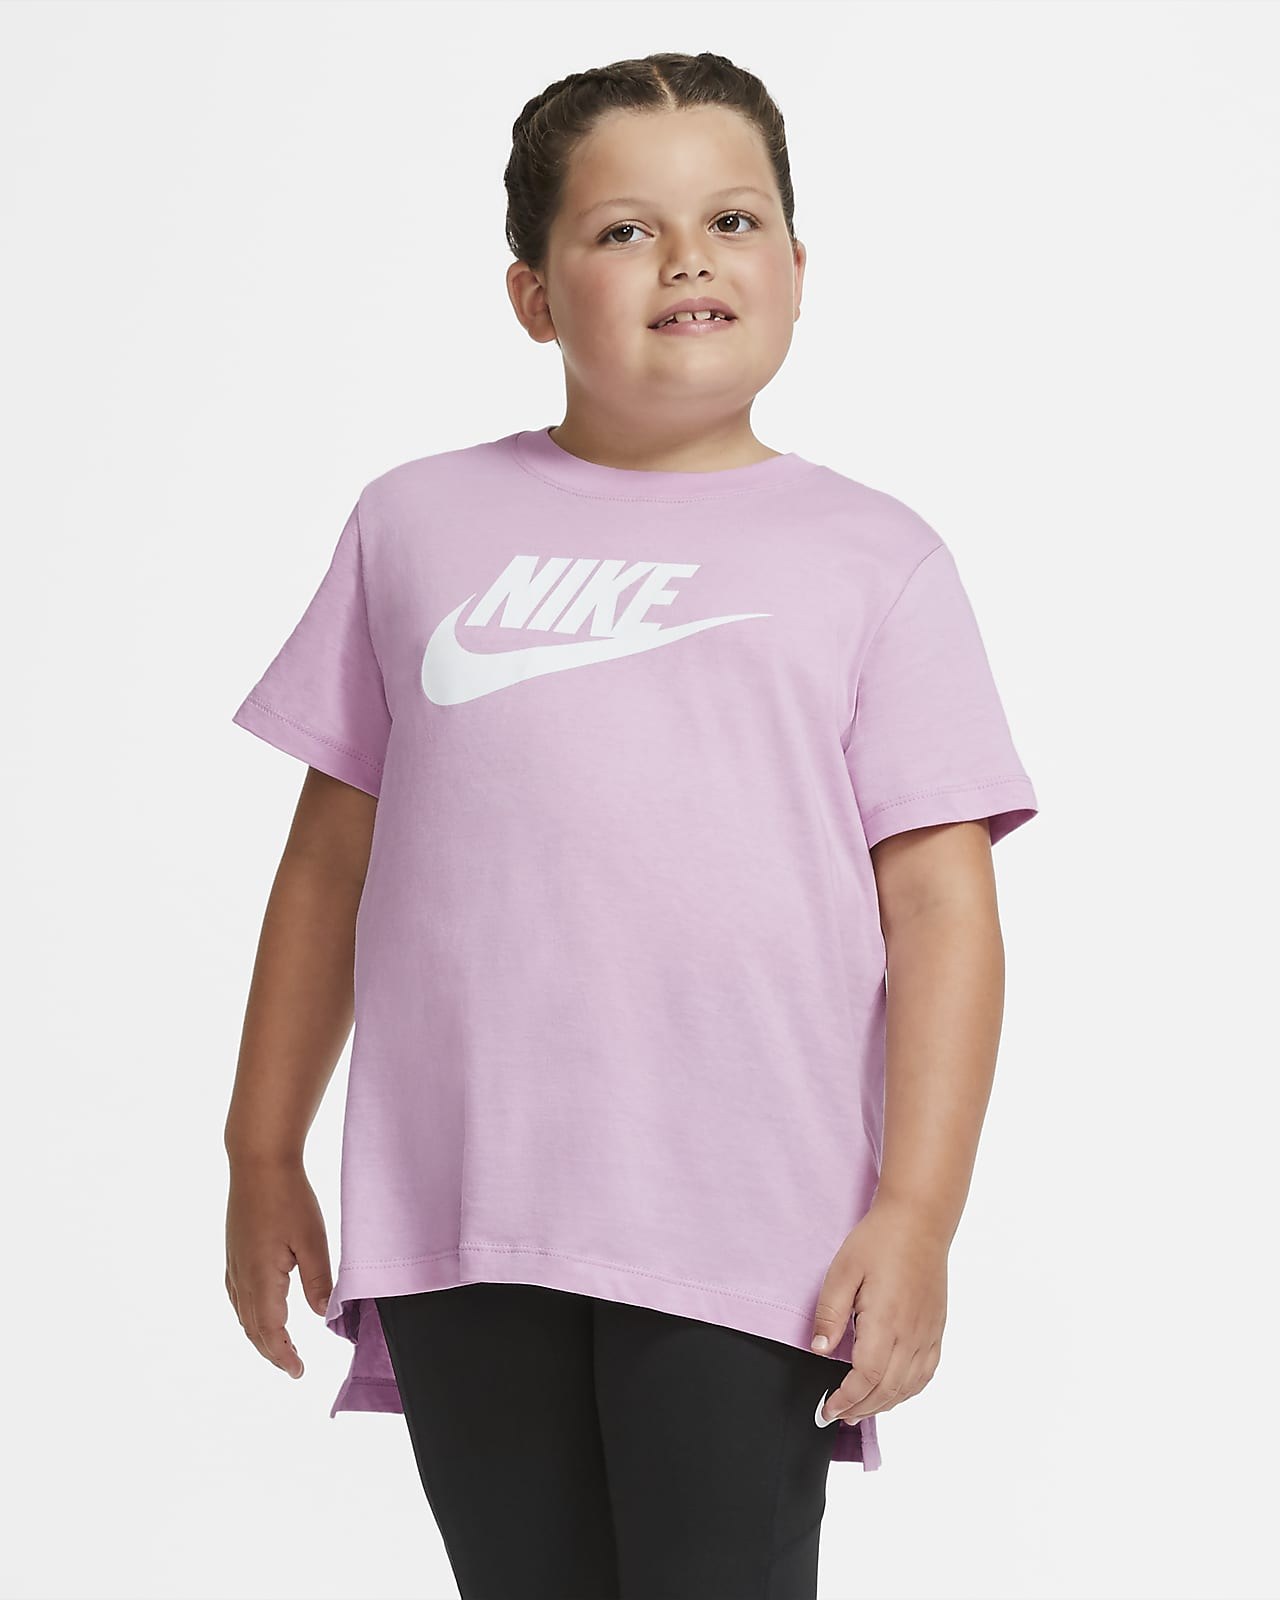 Nike T-shirt voor meisjes (grotere maten)